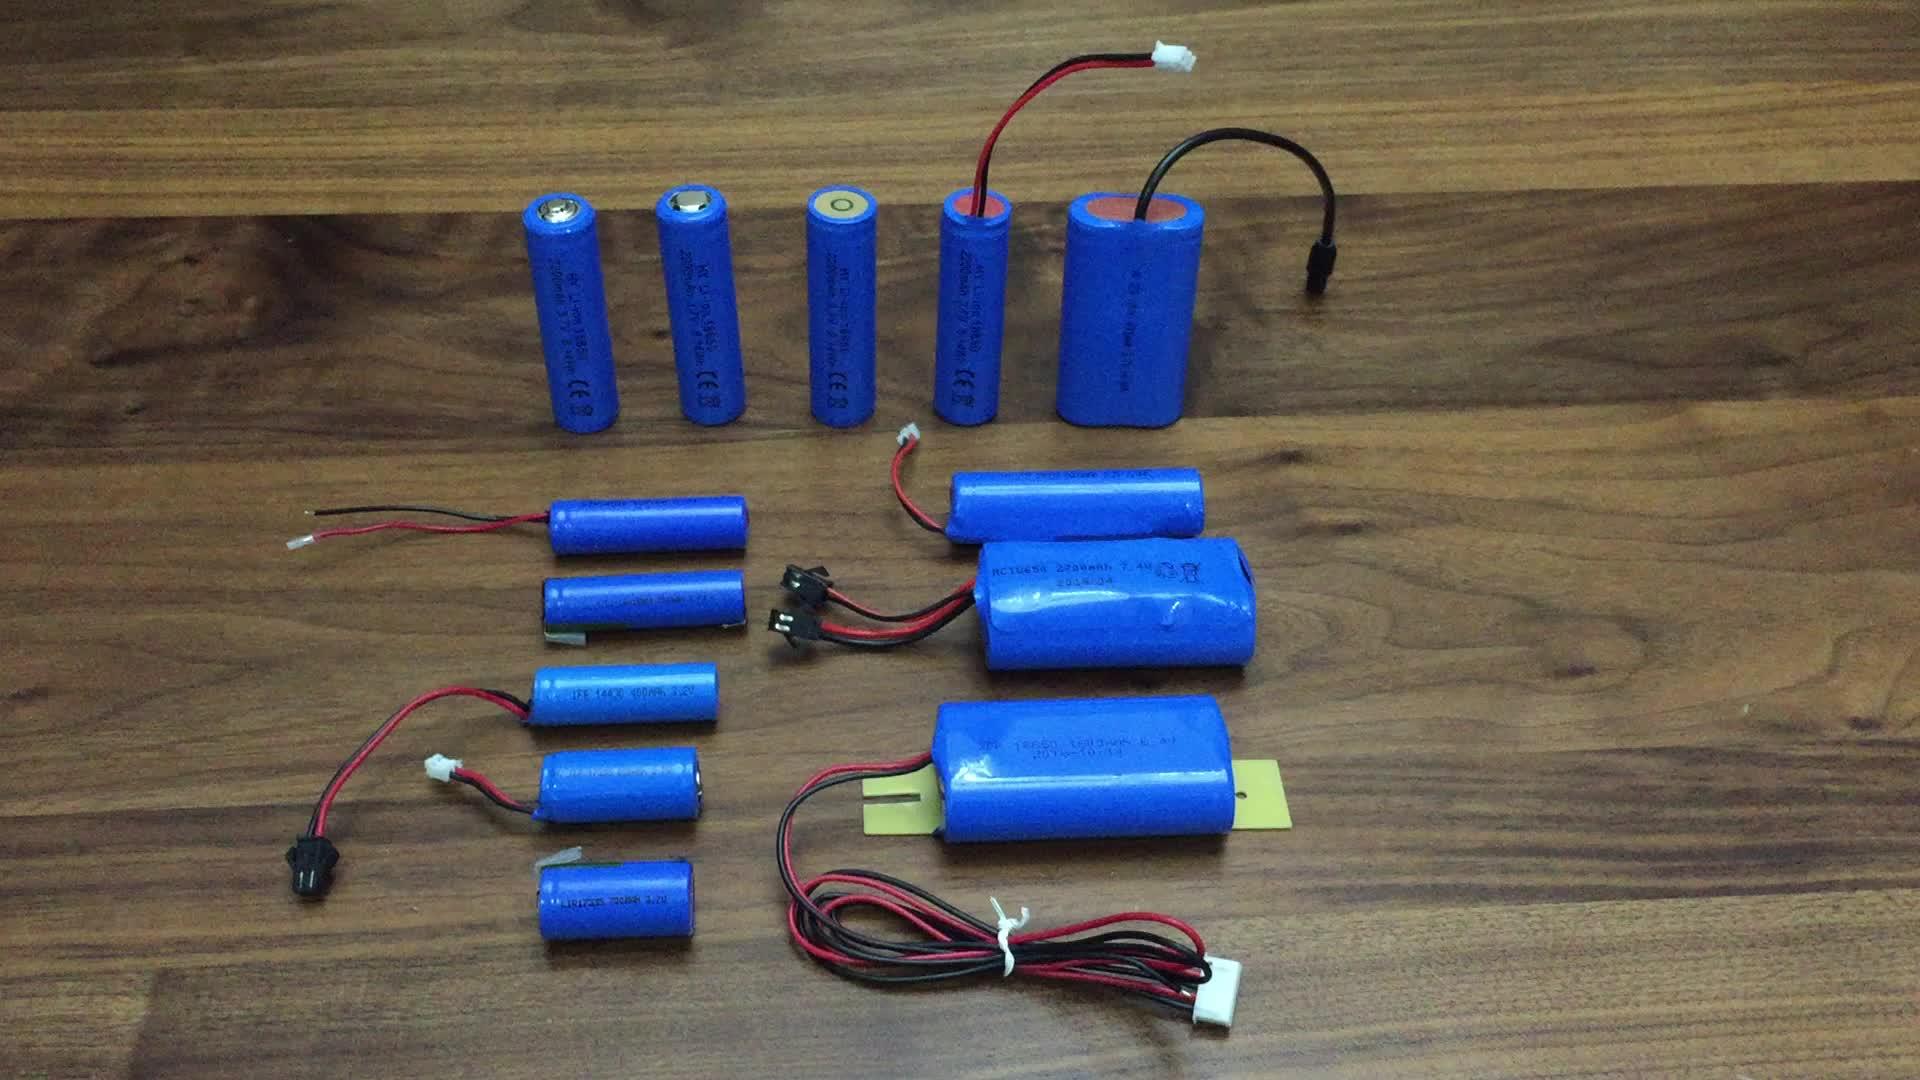 Li ionen 26650 batterie zelle 3,7 V 4500 mAh akkus für handy drone roller